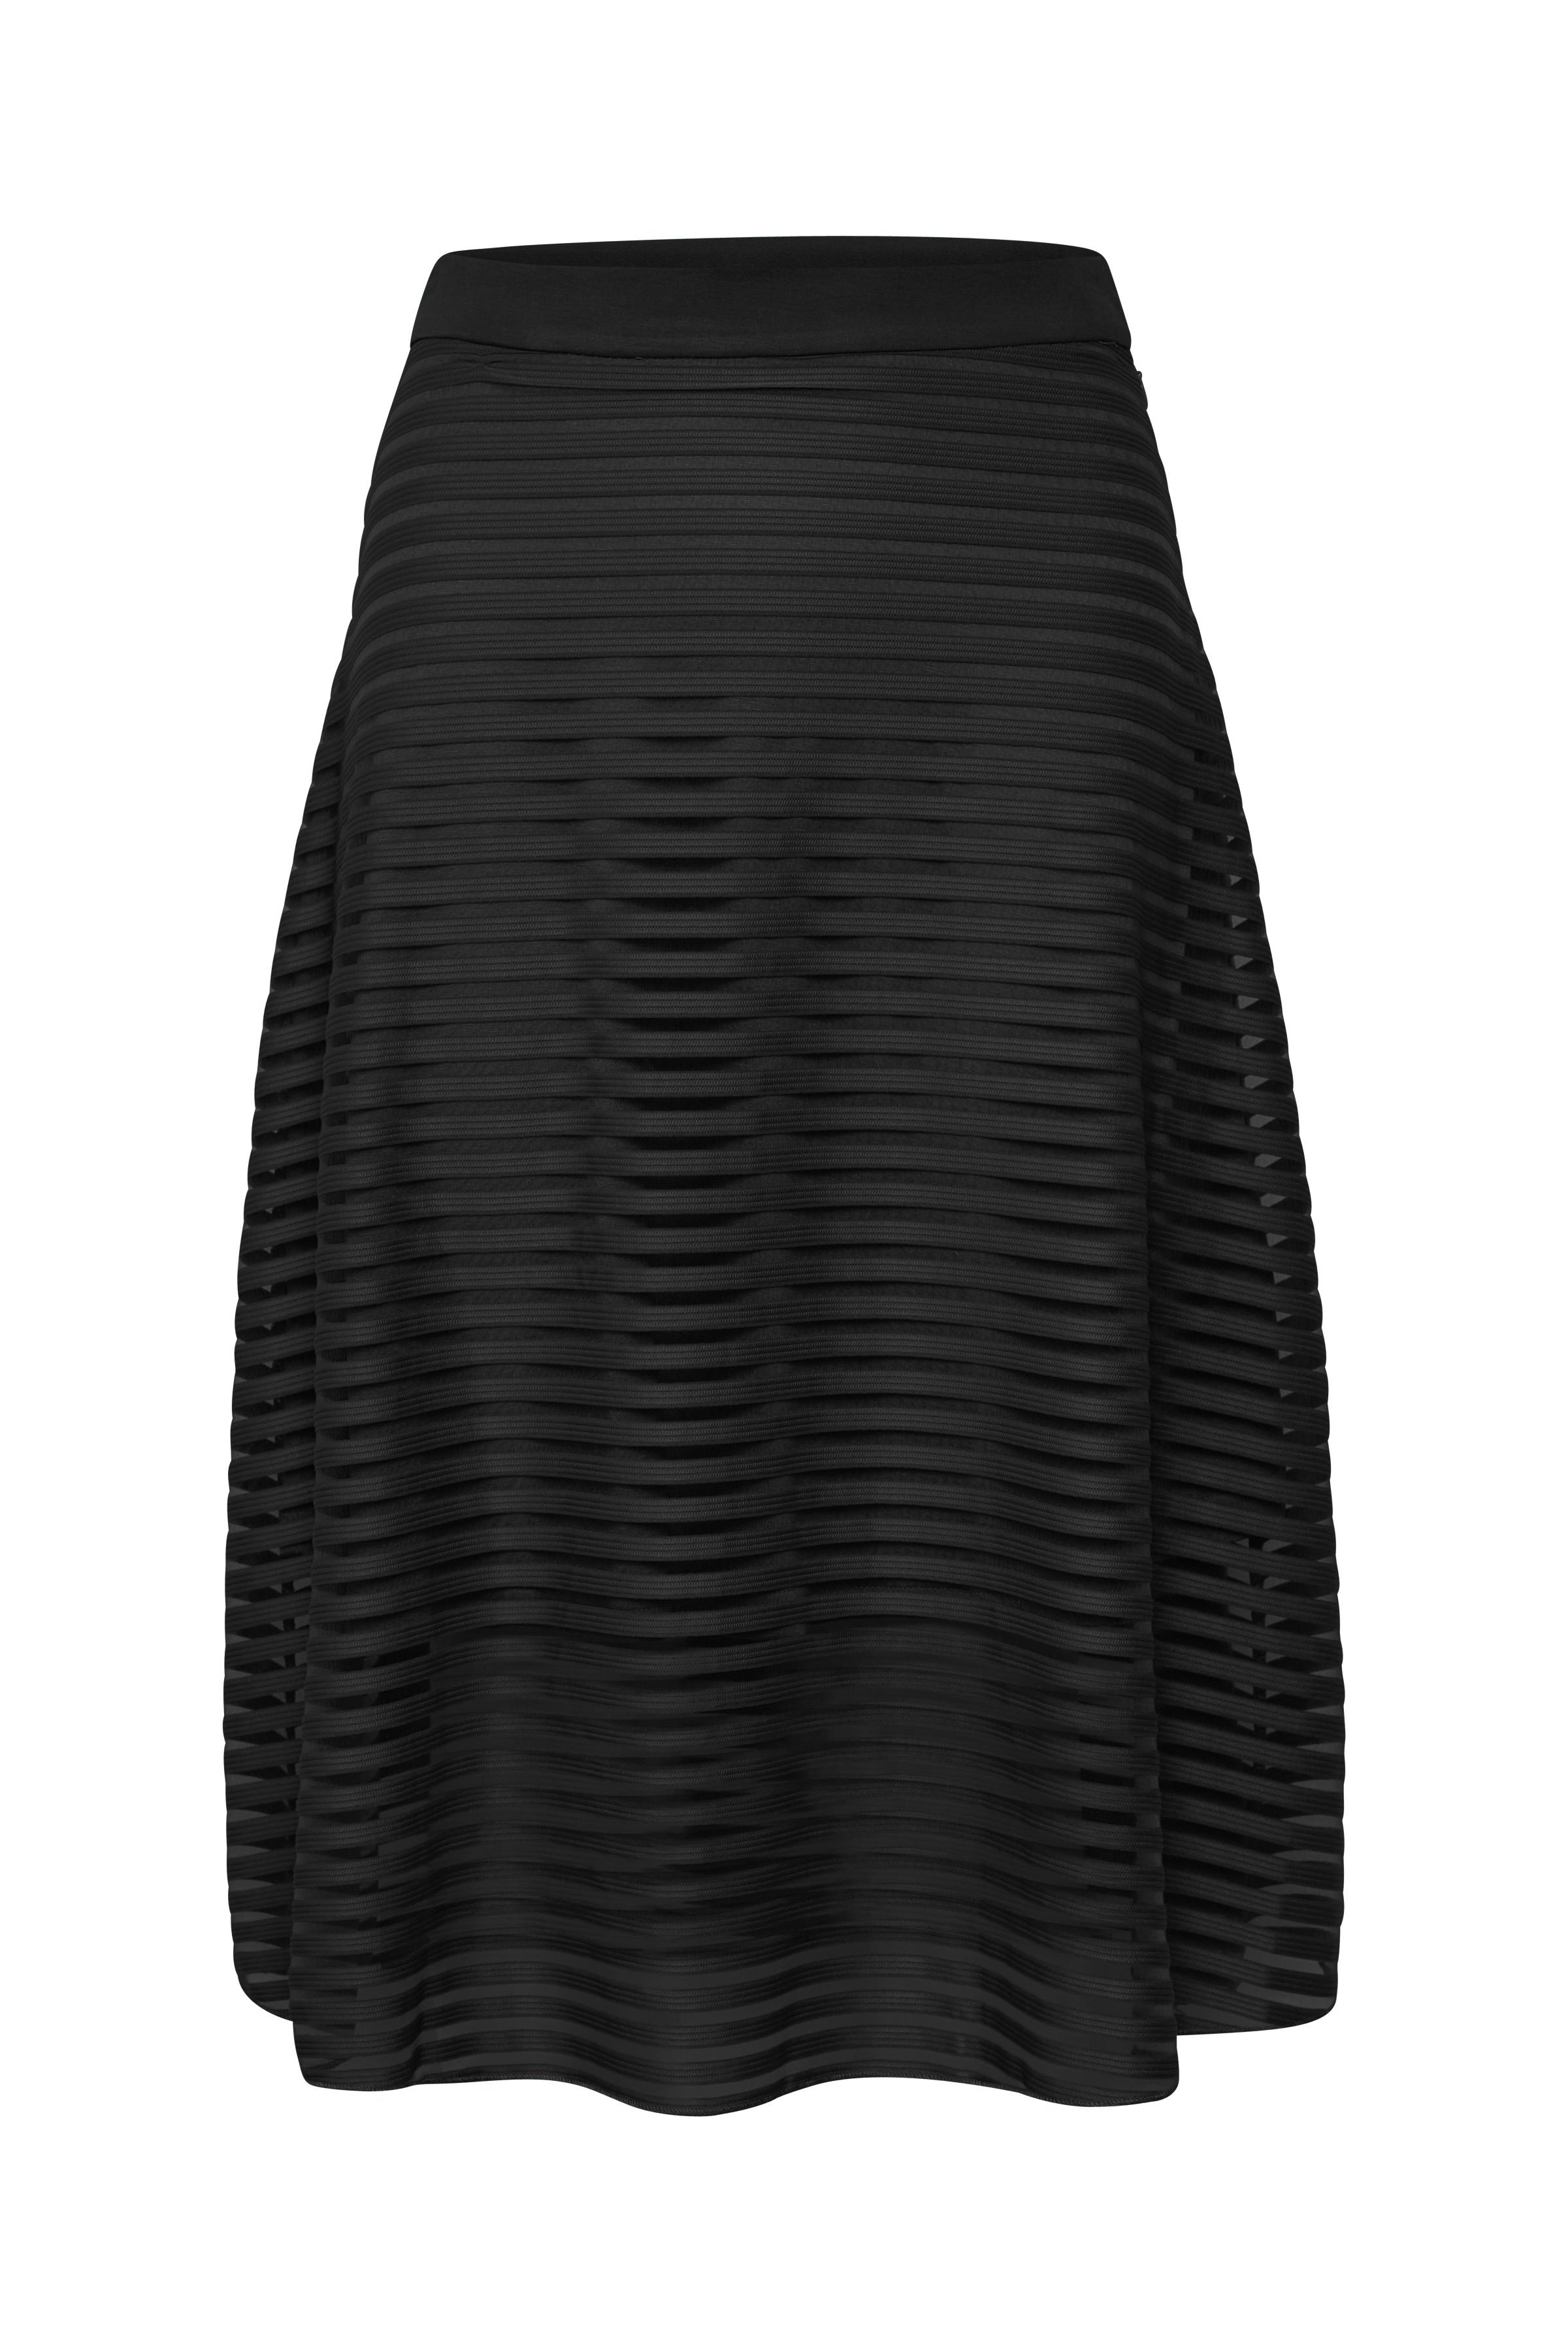 Denim Hunter Dame A-formet nederdel med lynlås i siden - Sort